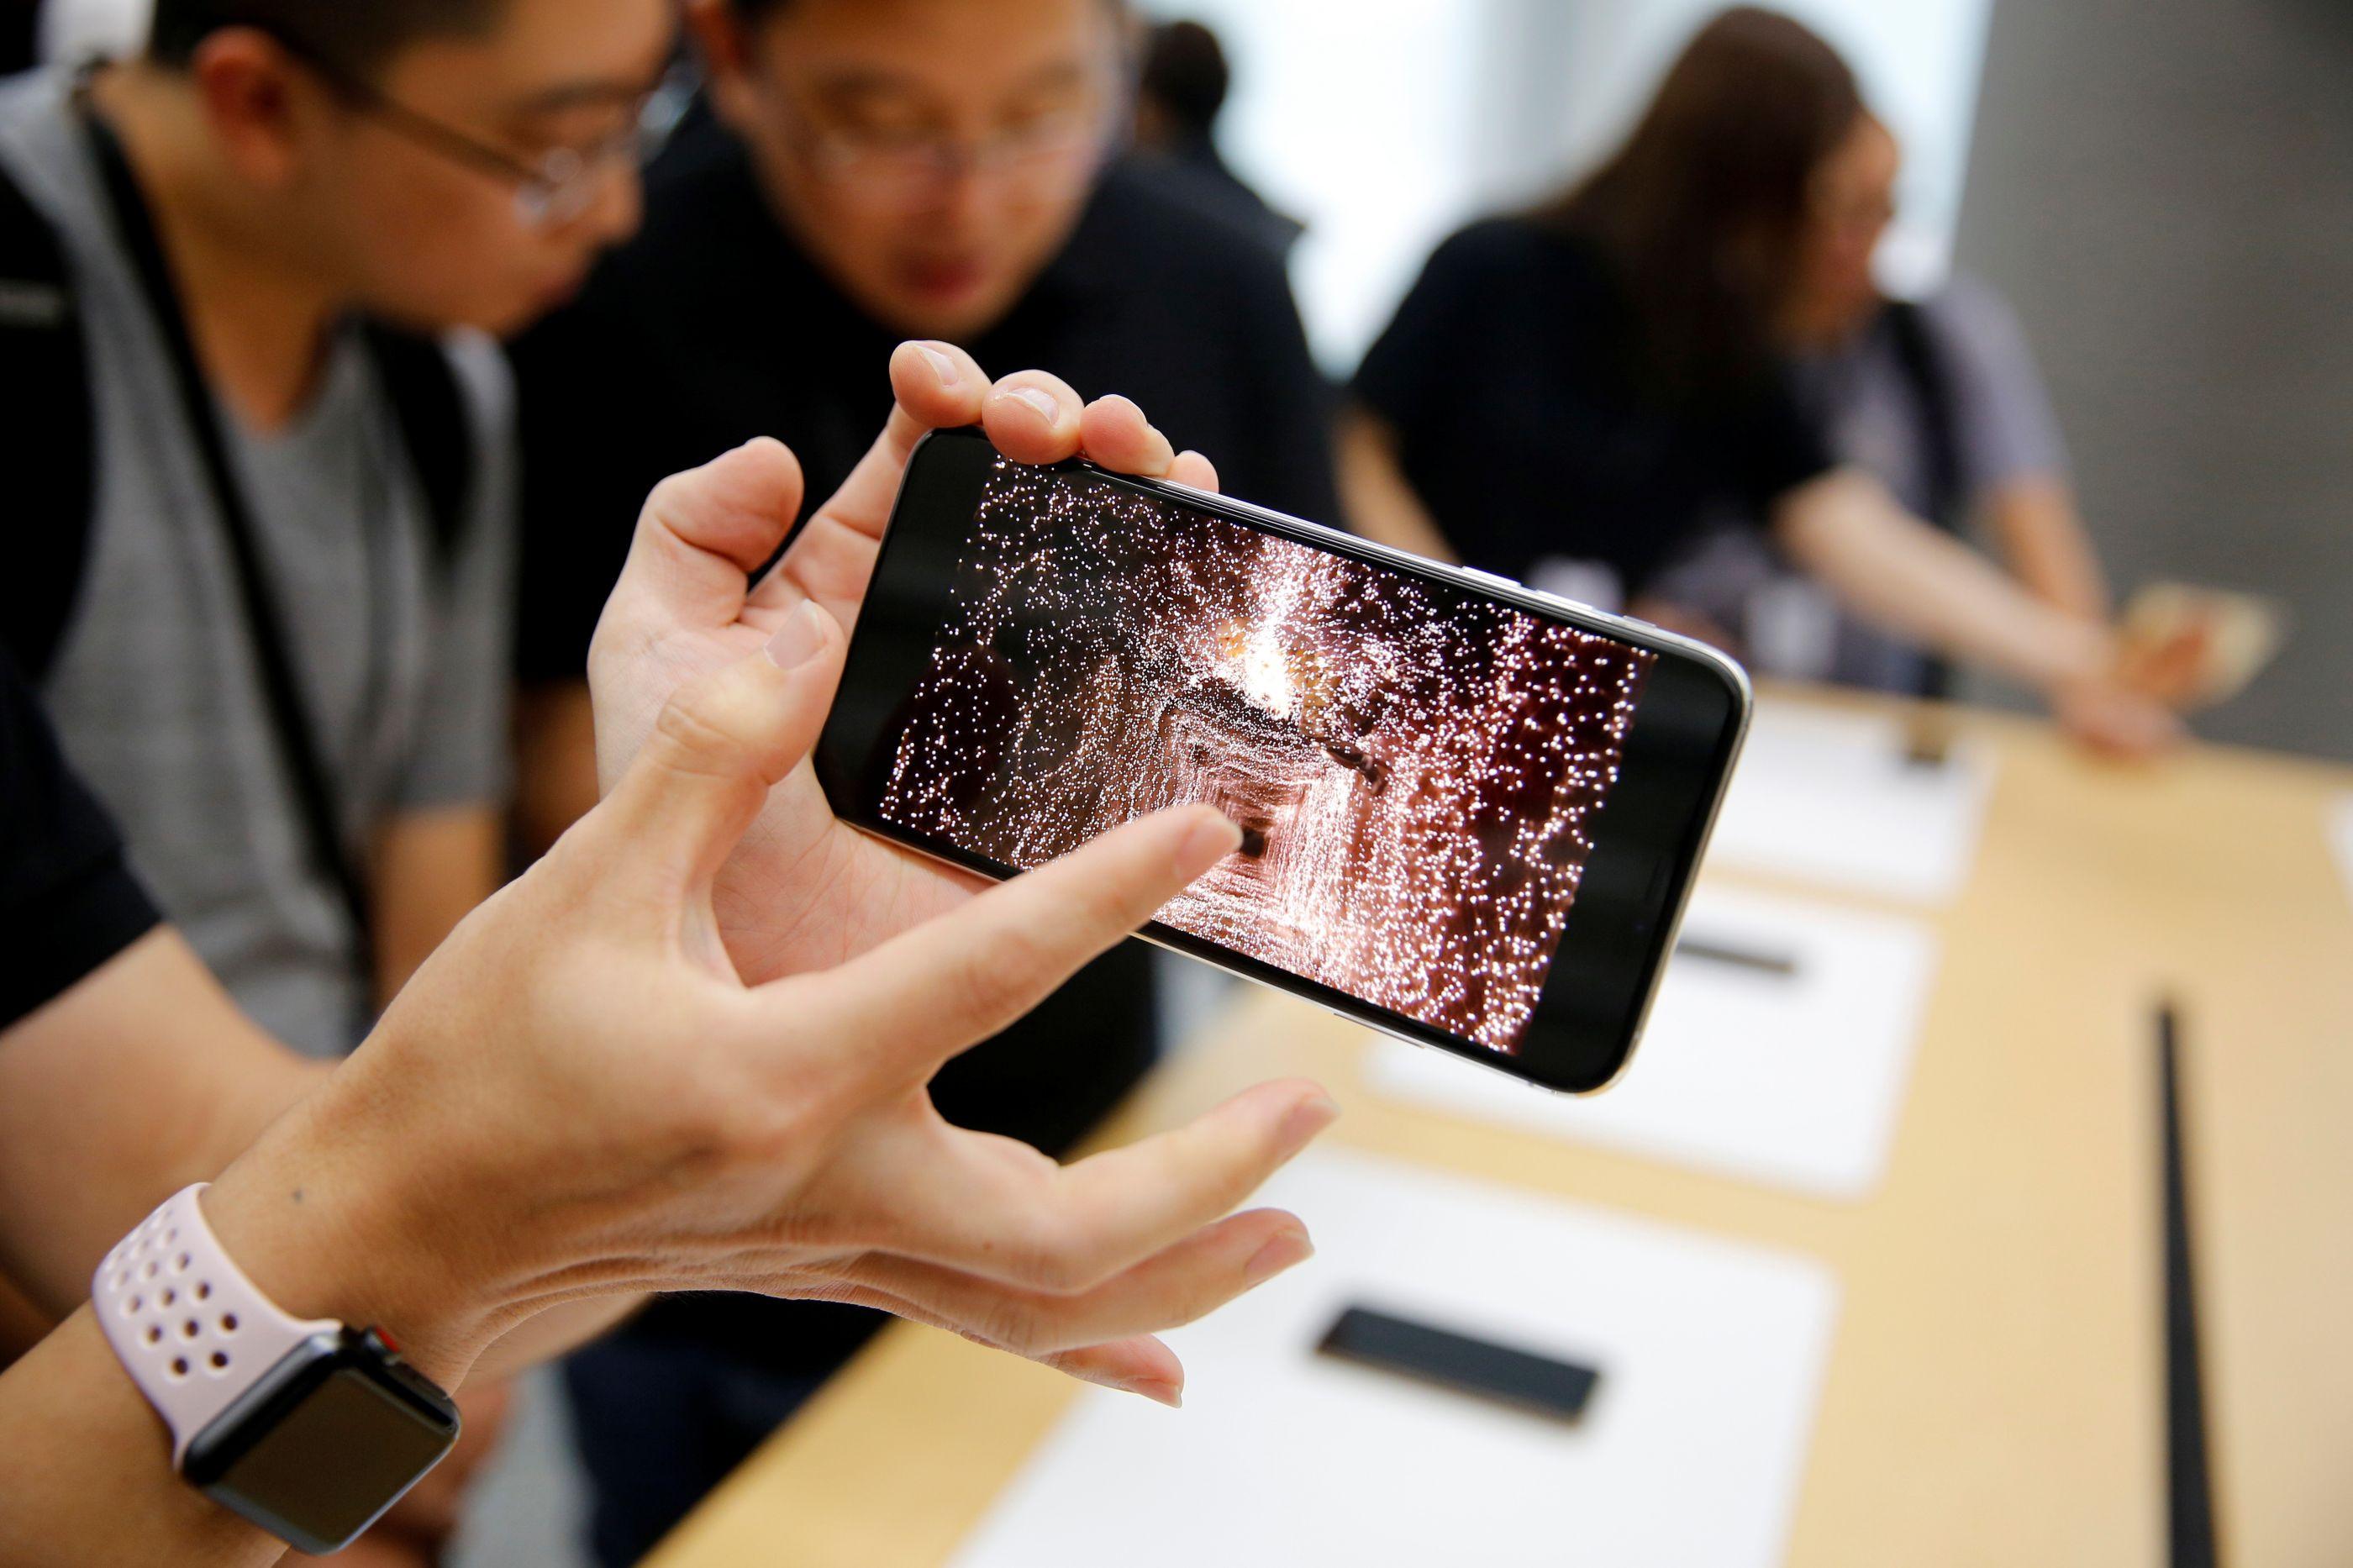 Partida de youtuber ensinou 'lição' a críticos da Apple